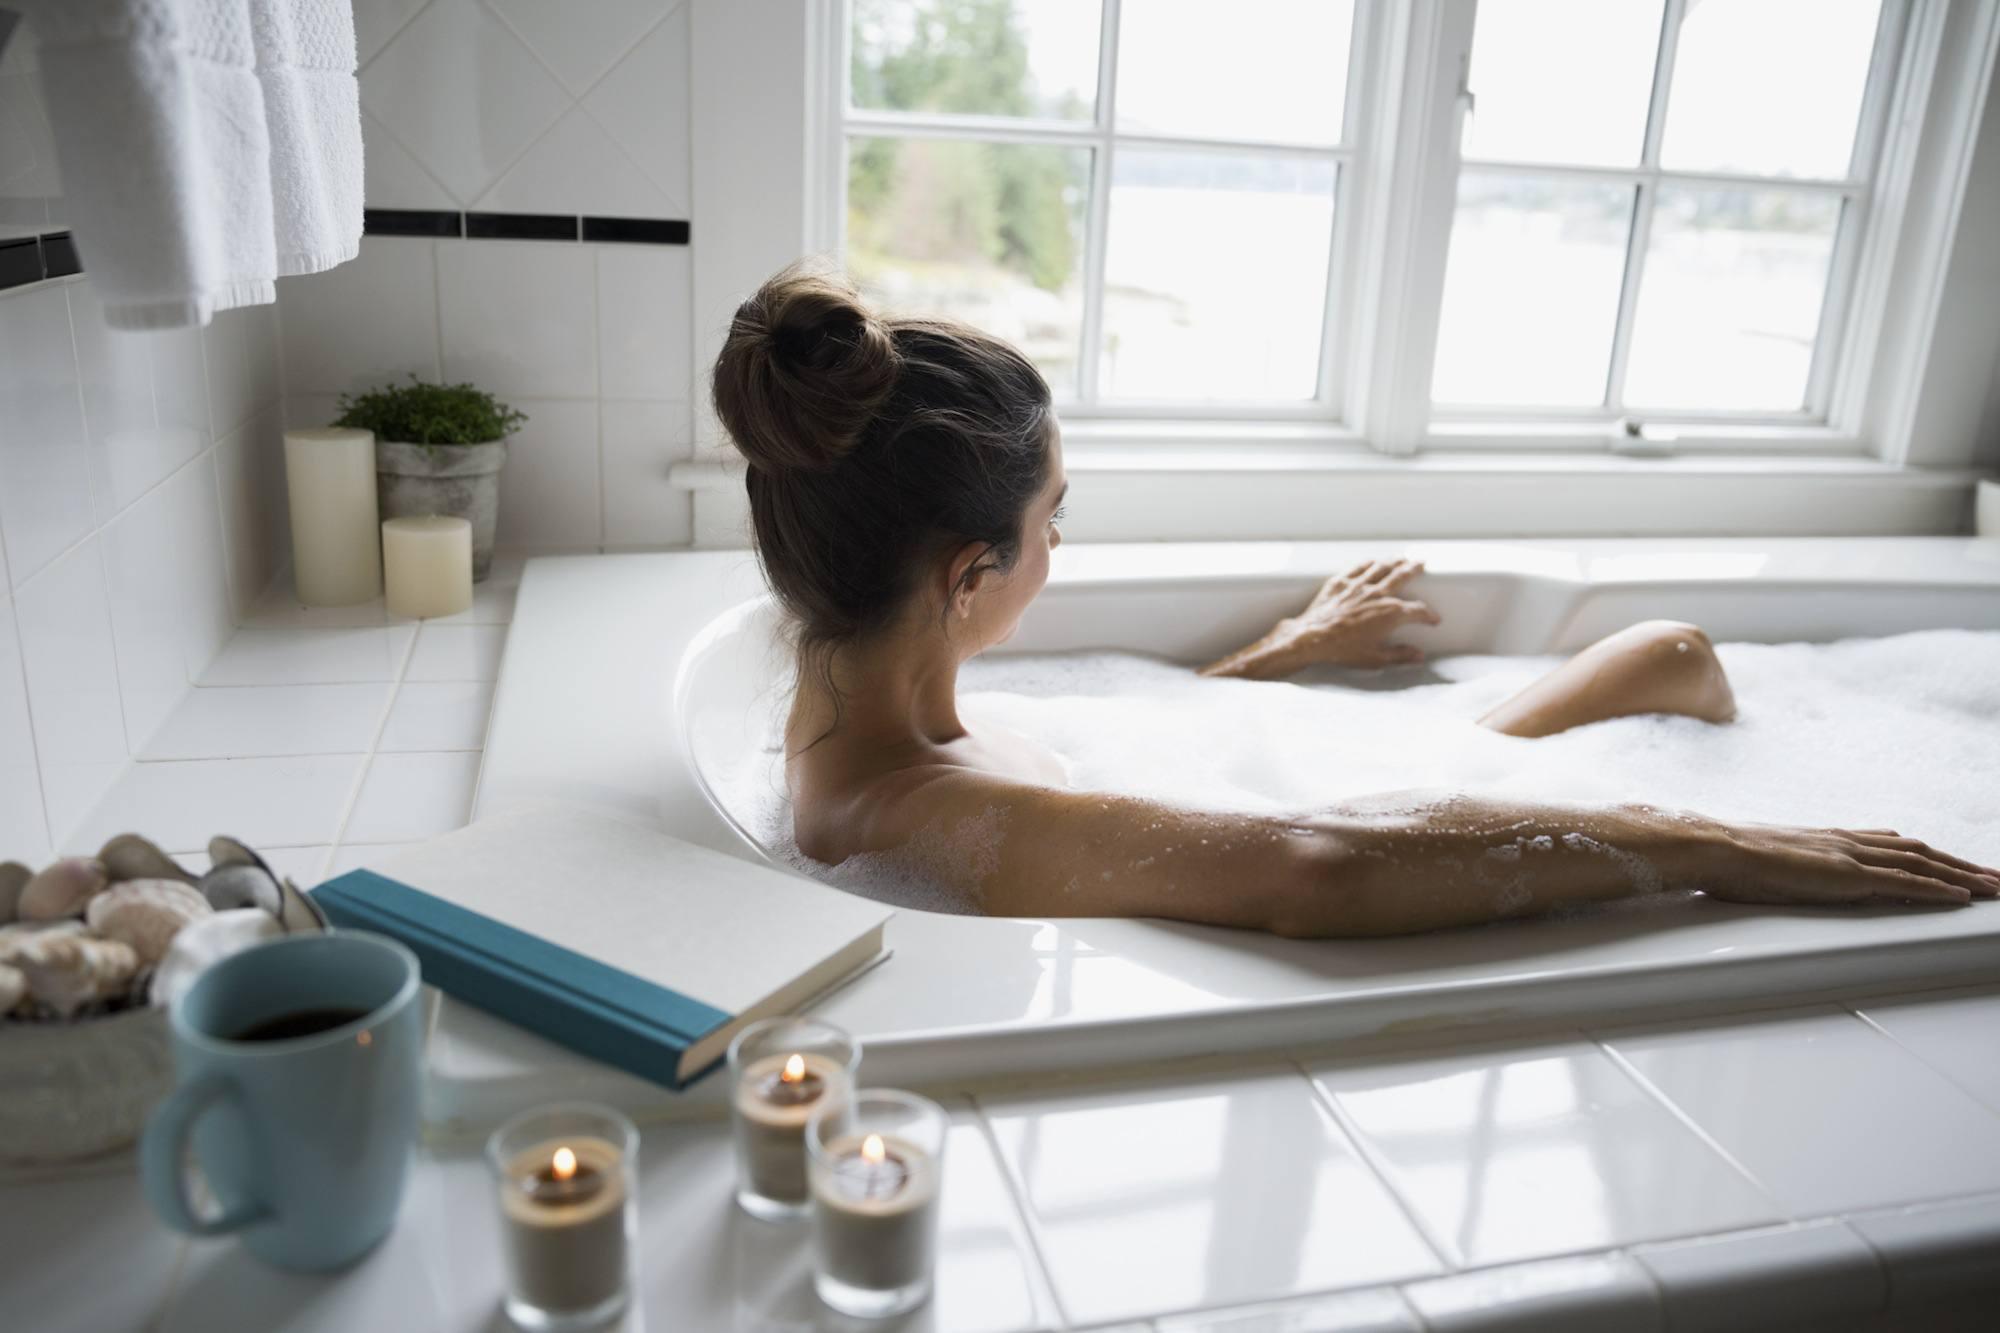 Woman enjoying bubble bath